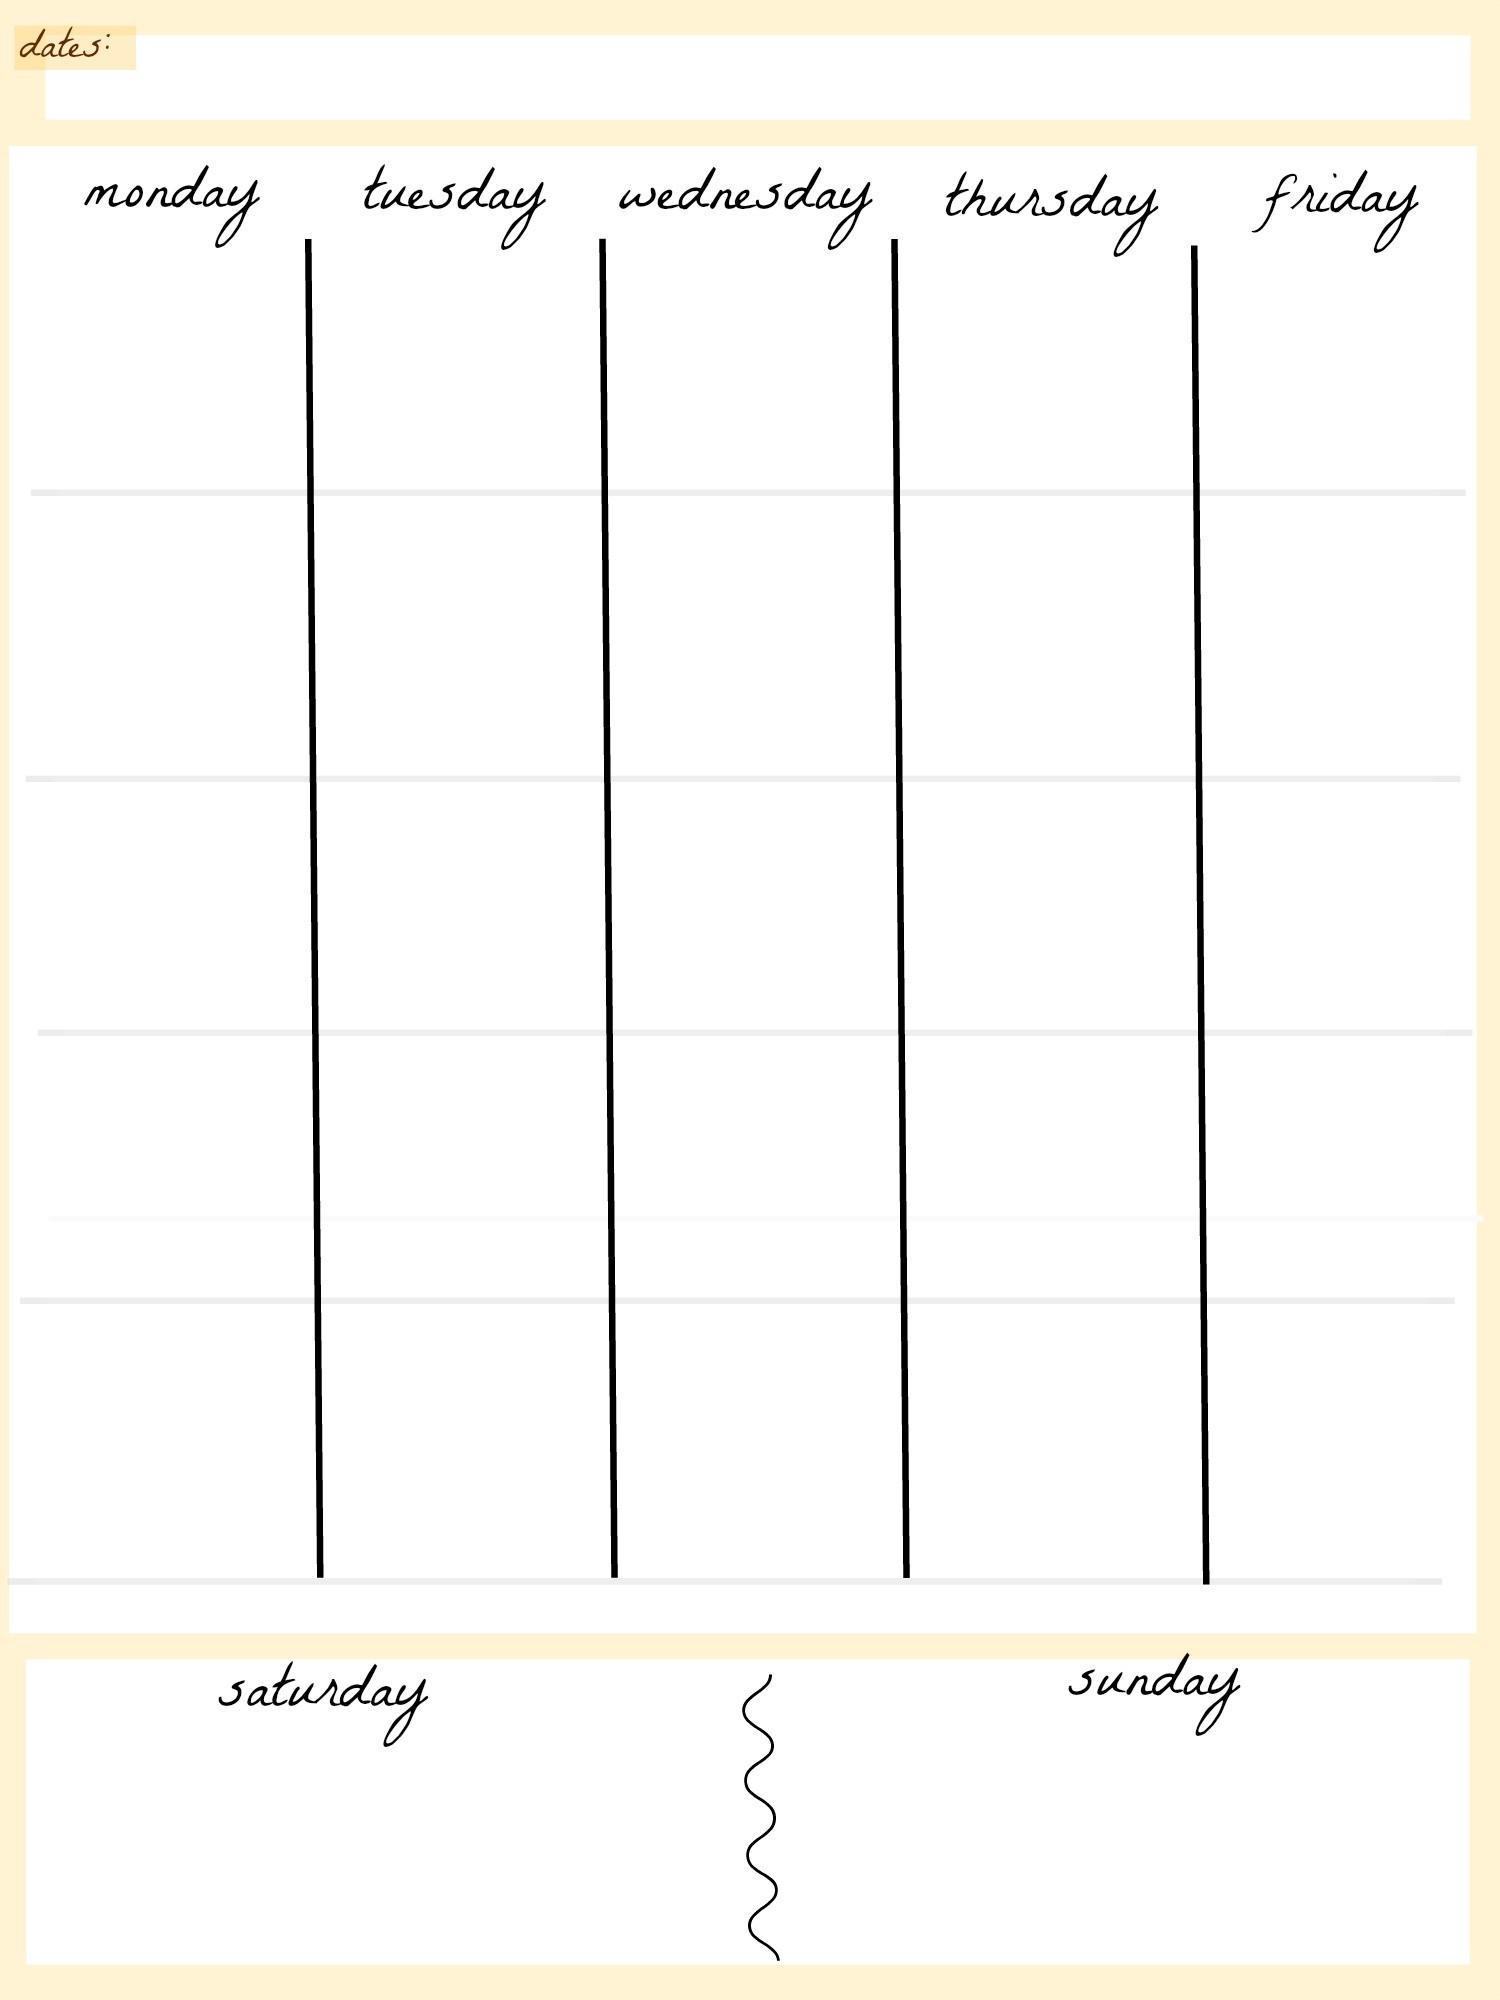 Blank Calendar Template 5 Day Week Weekly Calendar 5 Day Travel Cal1 inside 5 Day Weekly Calendar Template